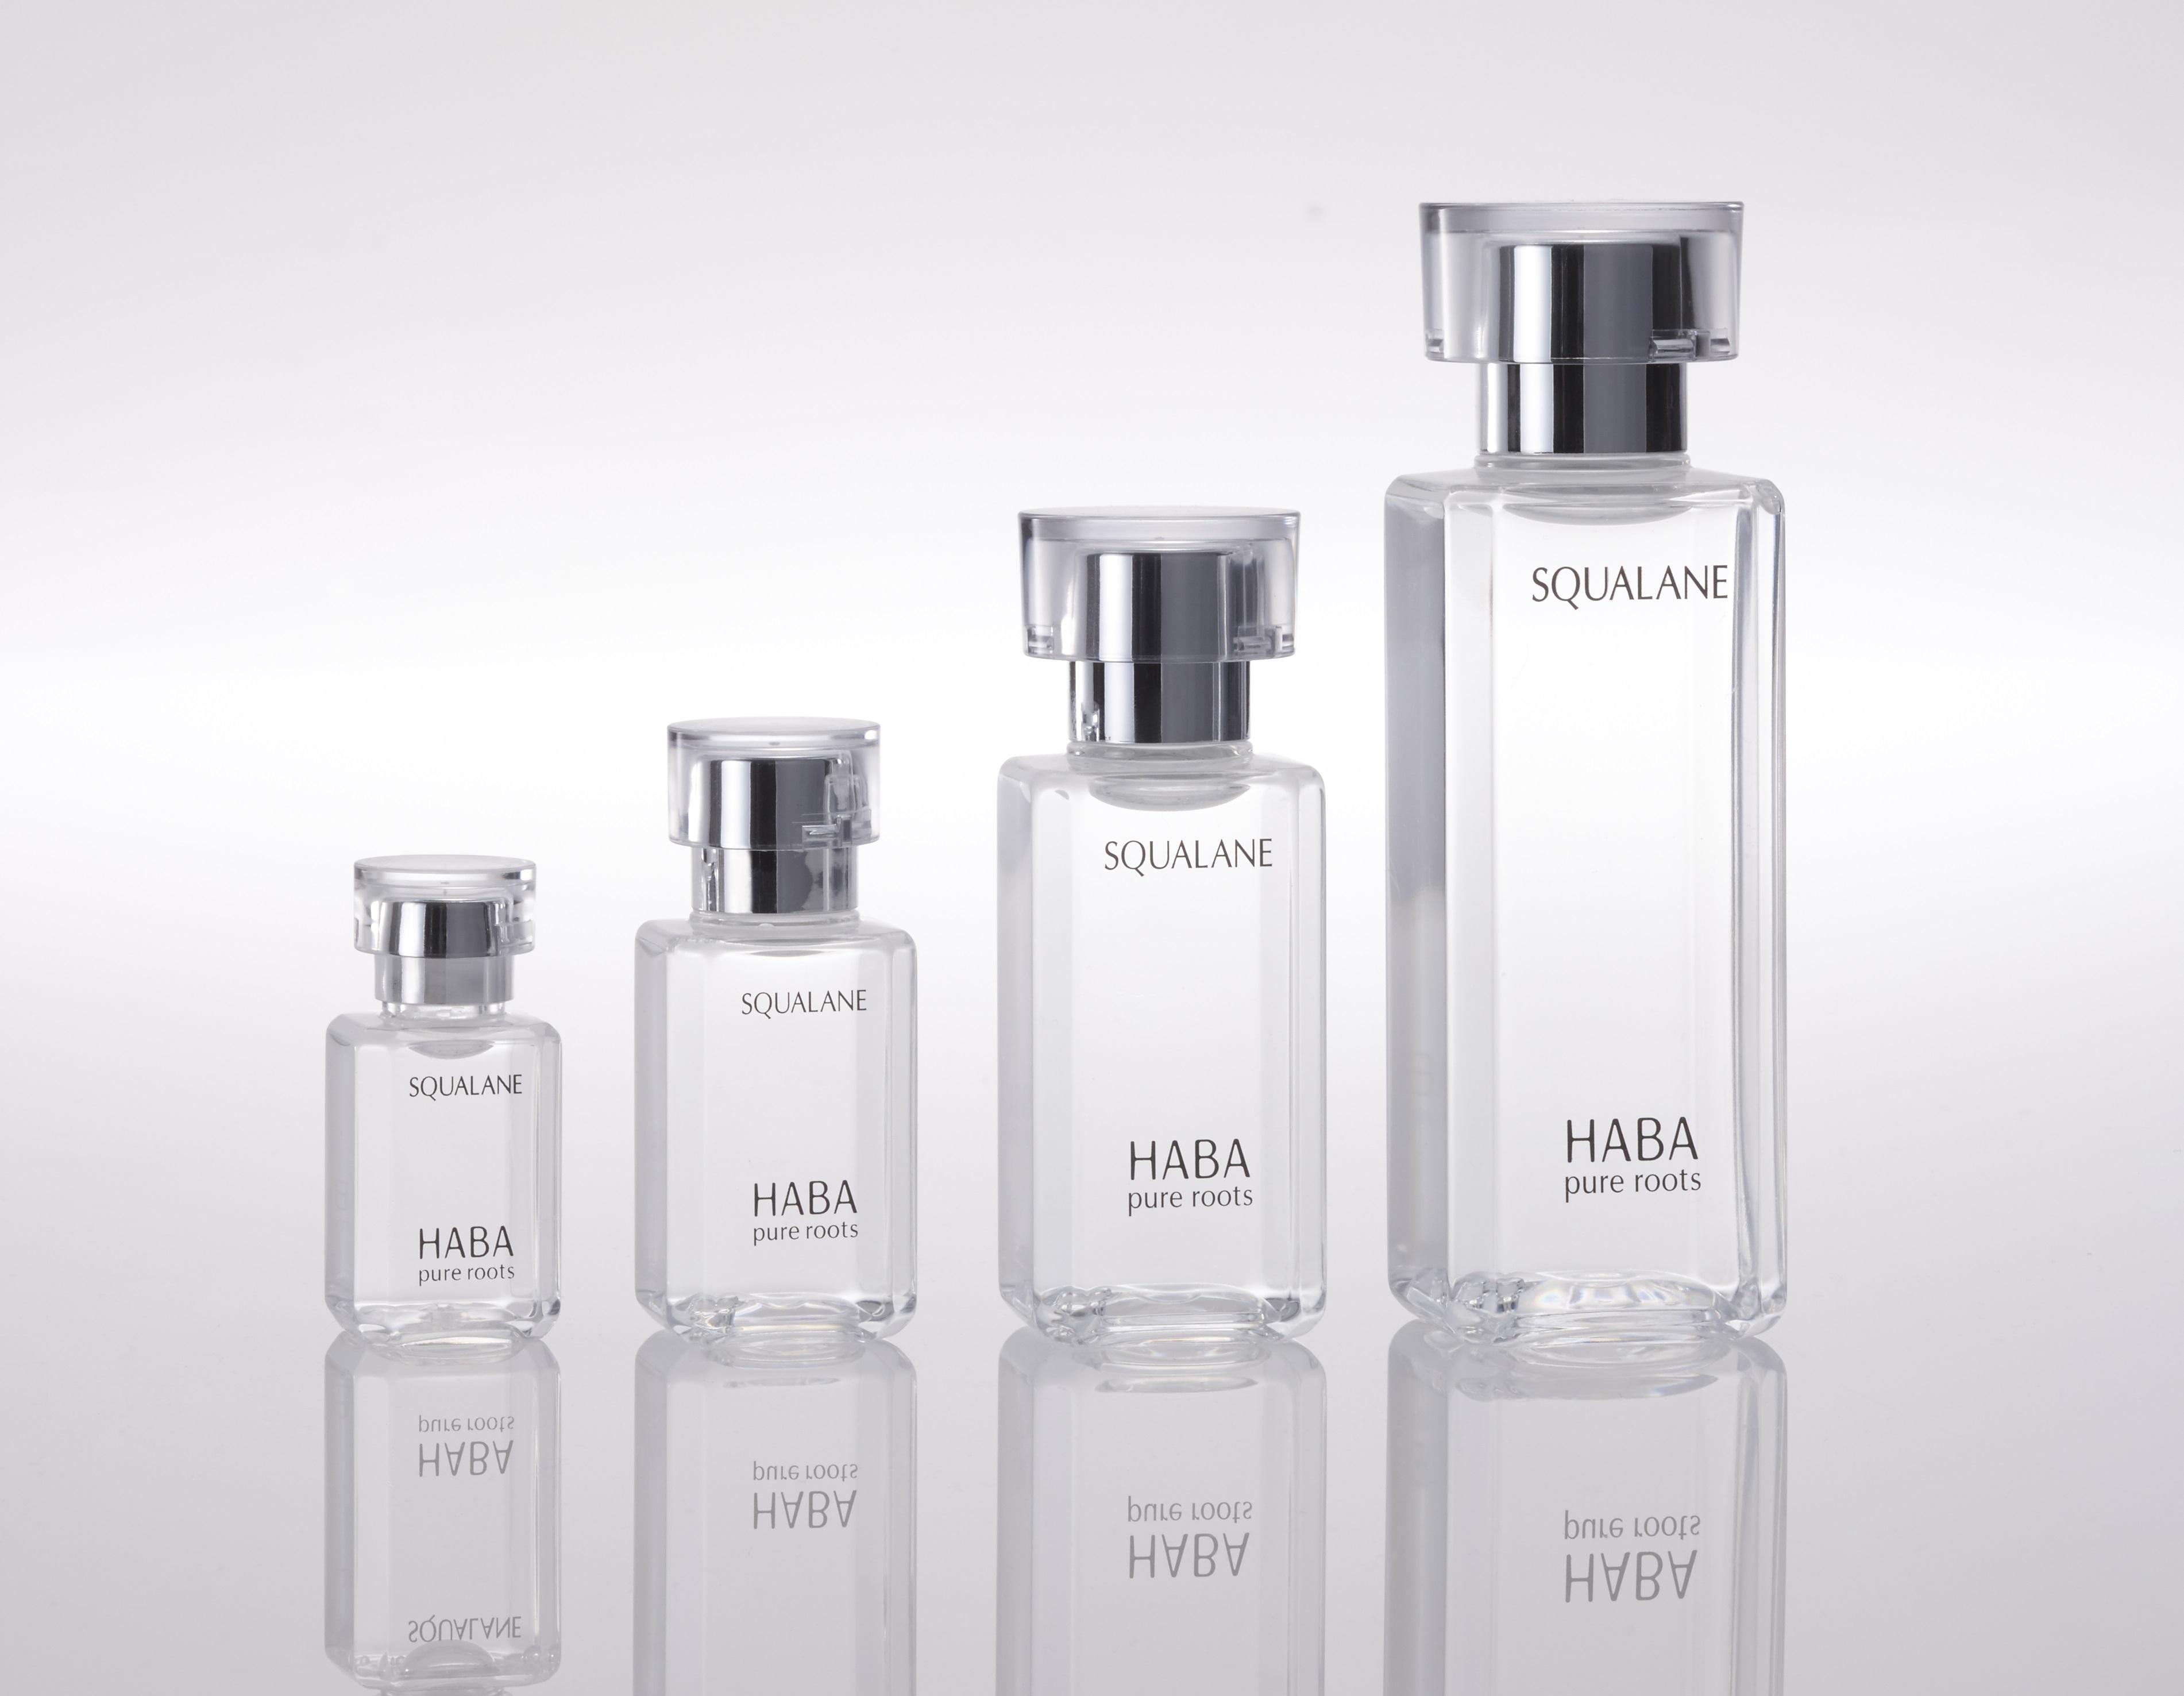 美容オイルの高品位「スクワラン」容器形状が立体商標登録認可